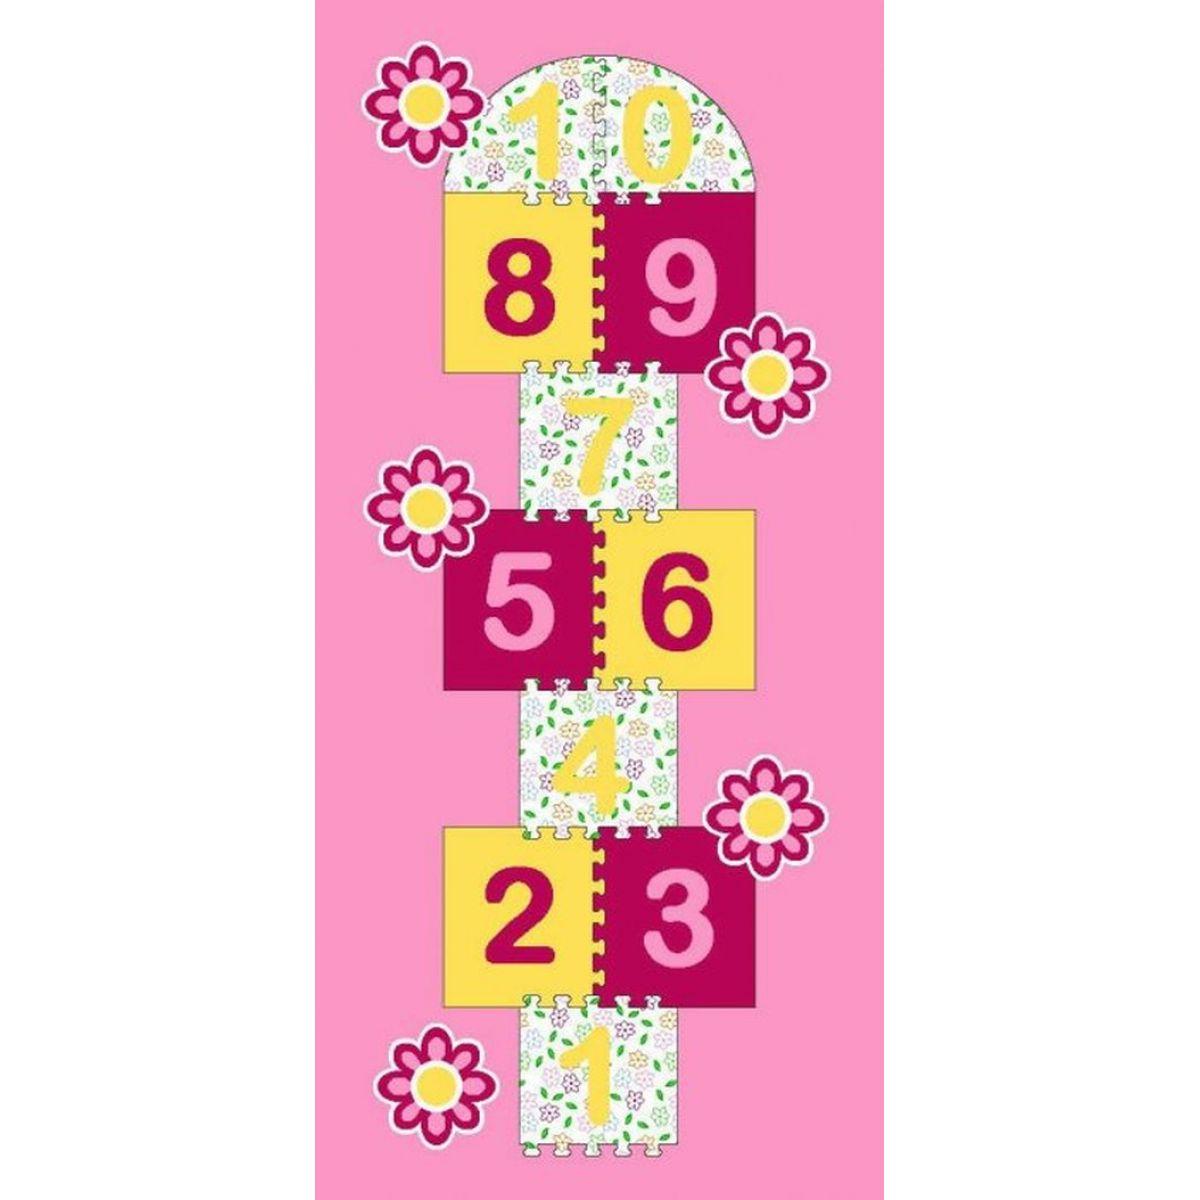 Vopi Koberec Skákací panák růžová 95x200cm